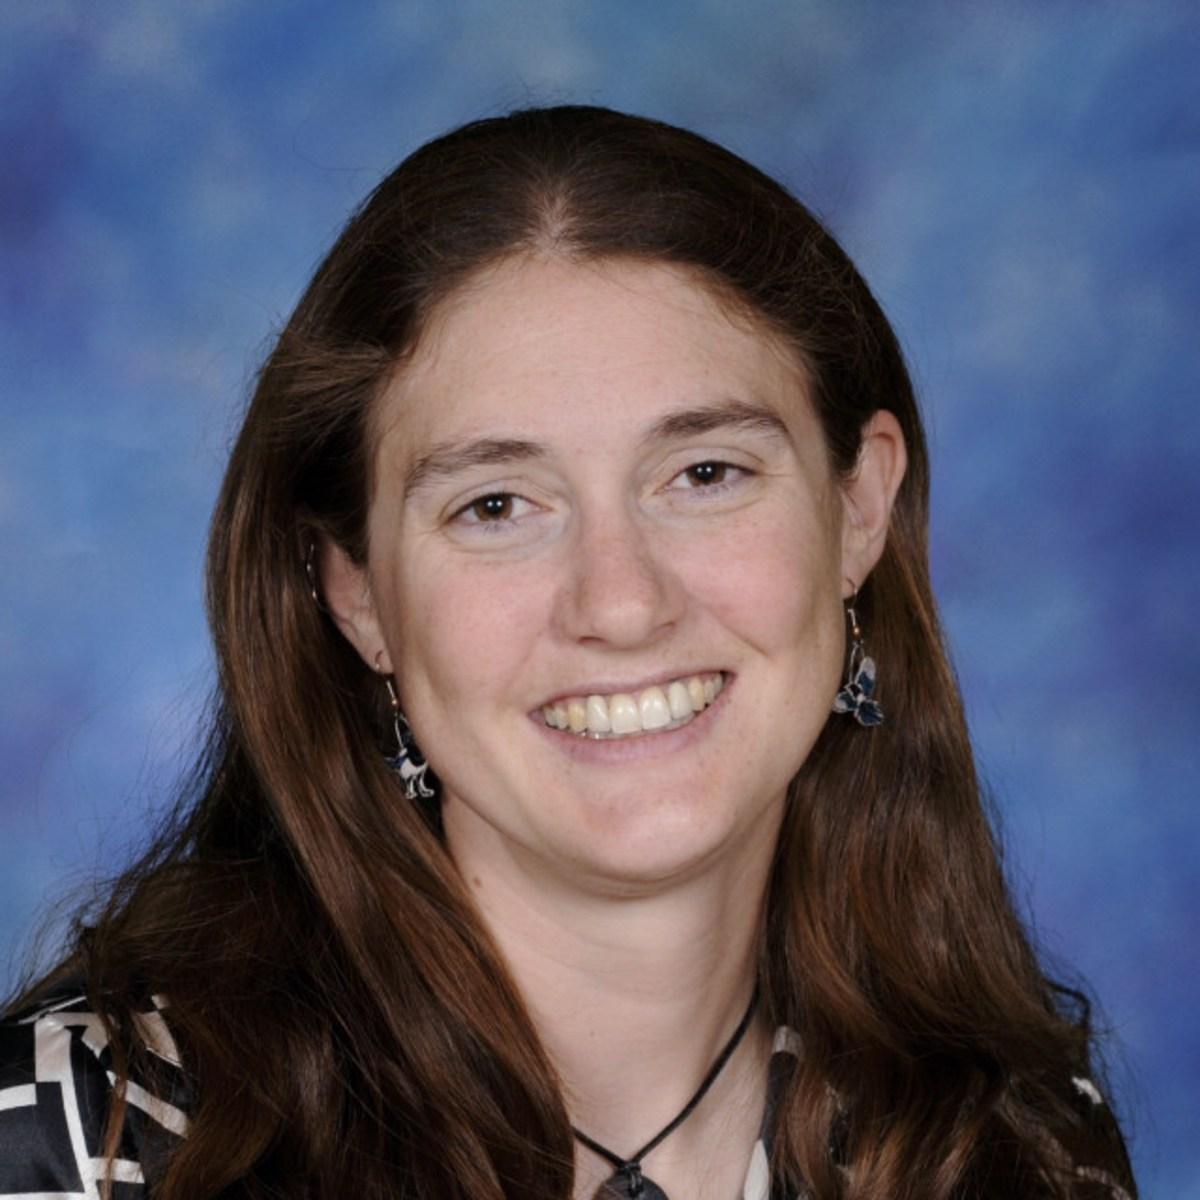 Highlands Ranch Archery Range: Dr. Jennifer Campbell-Smith